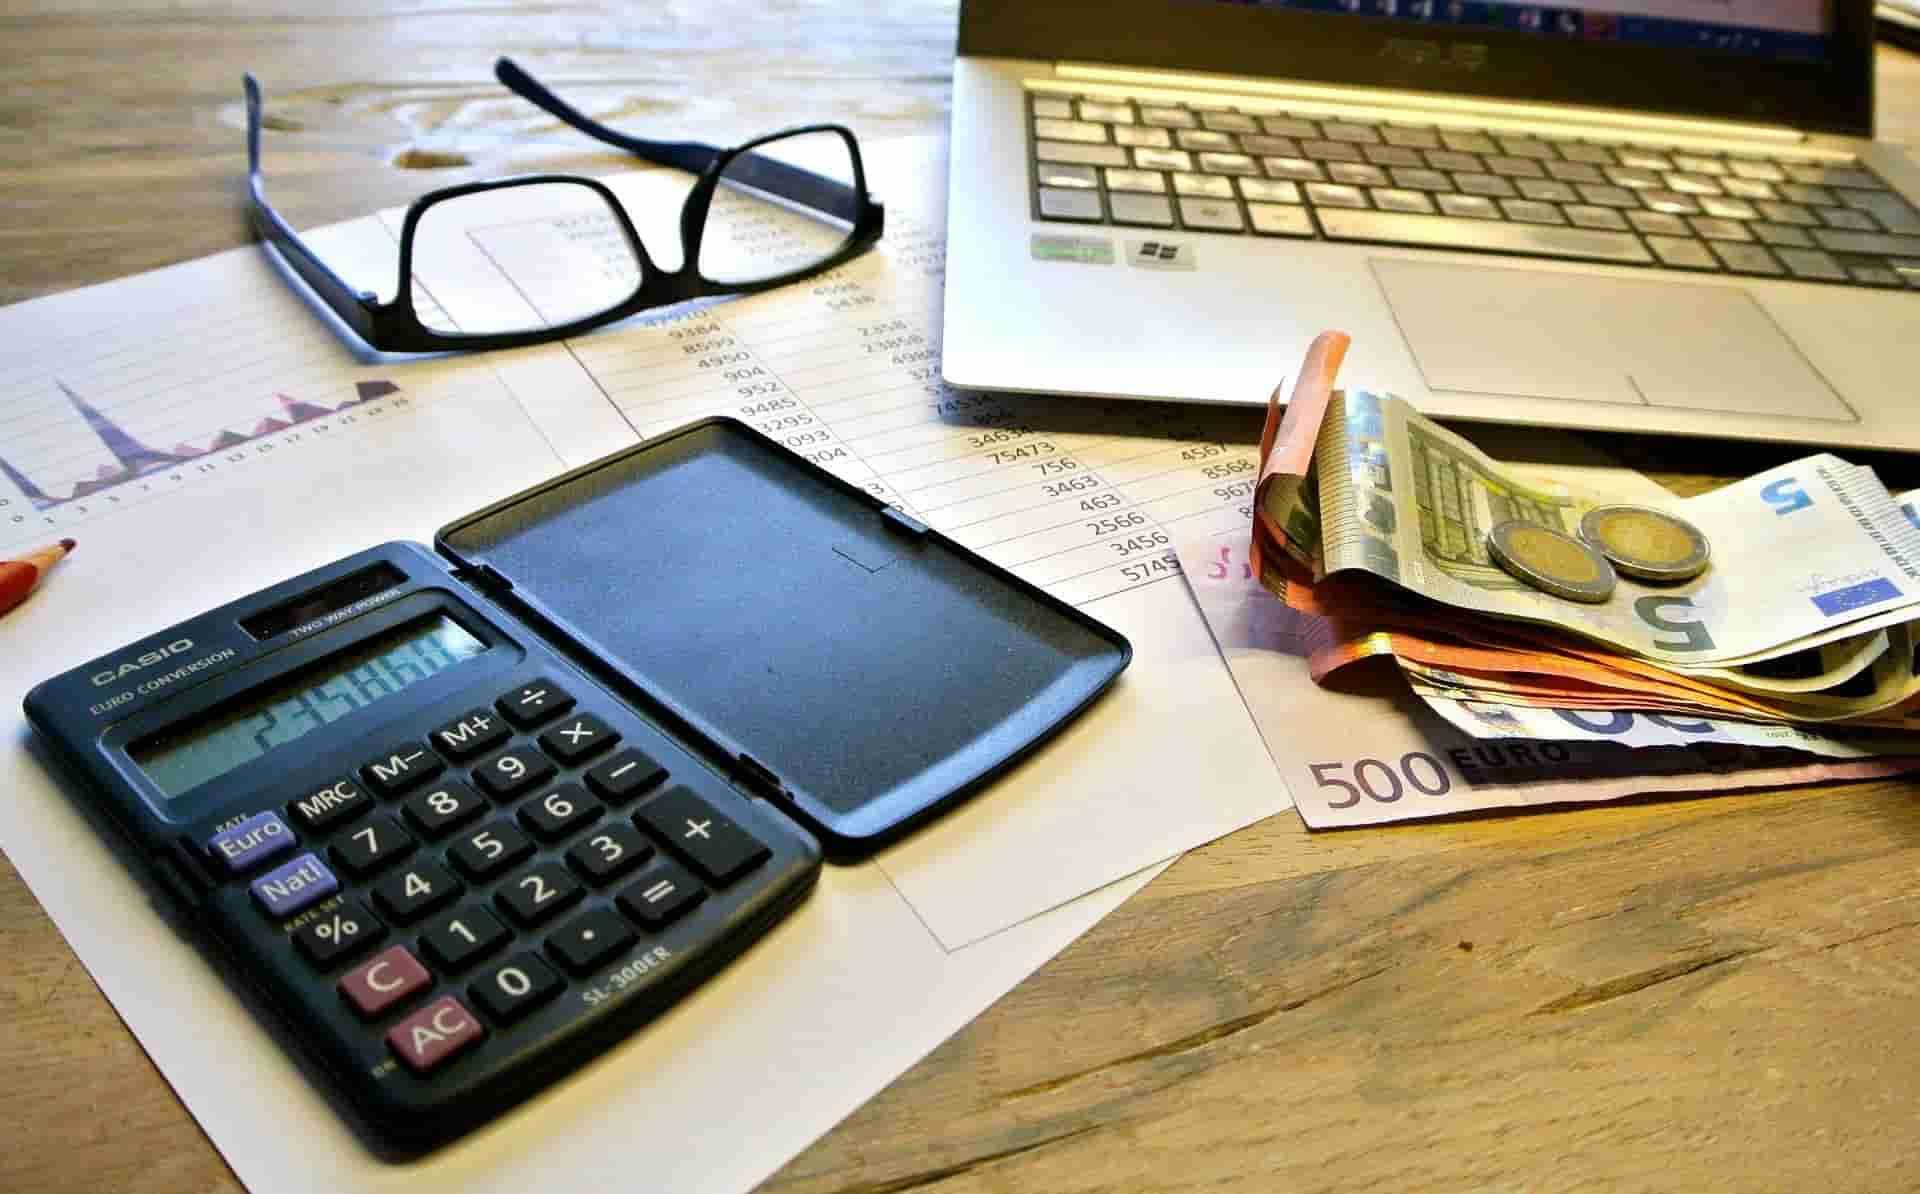 IVA de las mascarillas, exenciones en escrituras moratorias ICO y beneficios fiscales al cine y a la automoción